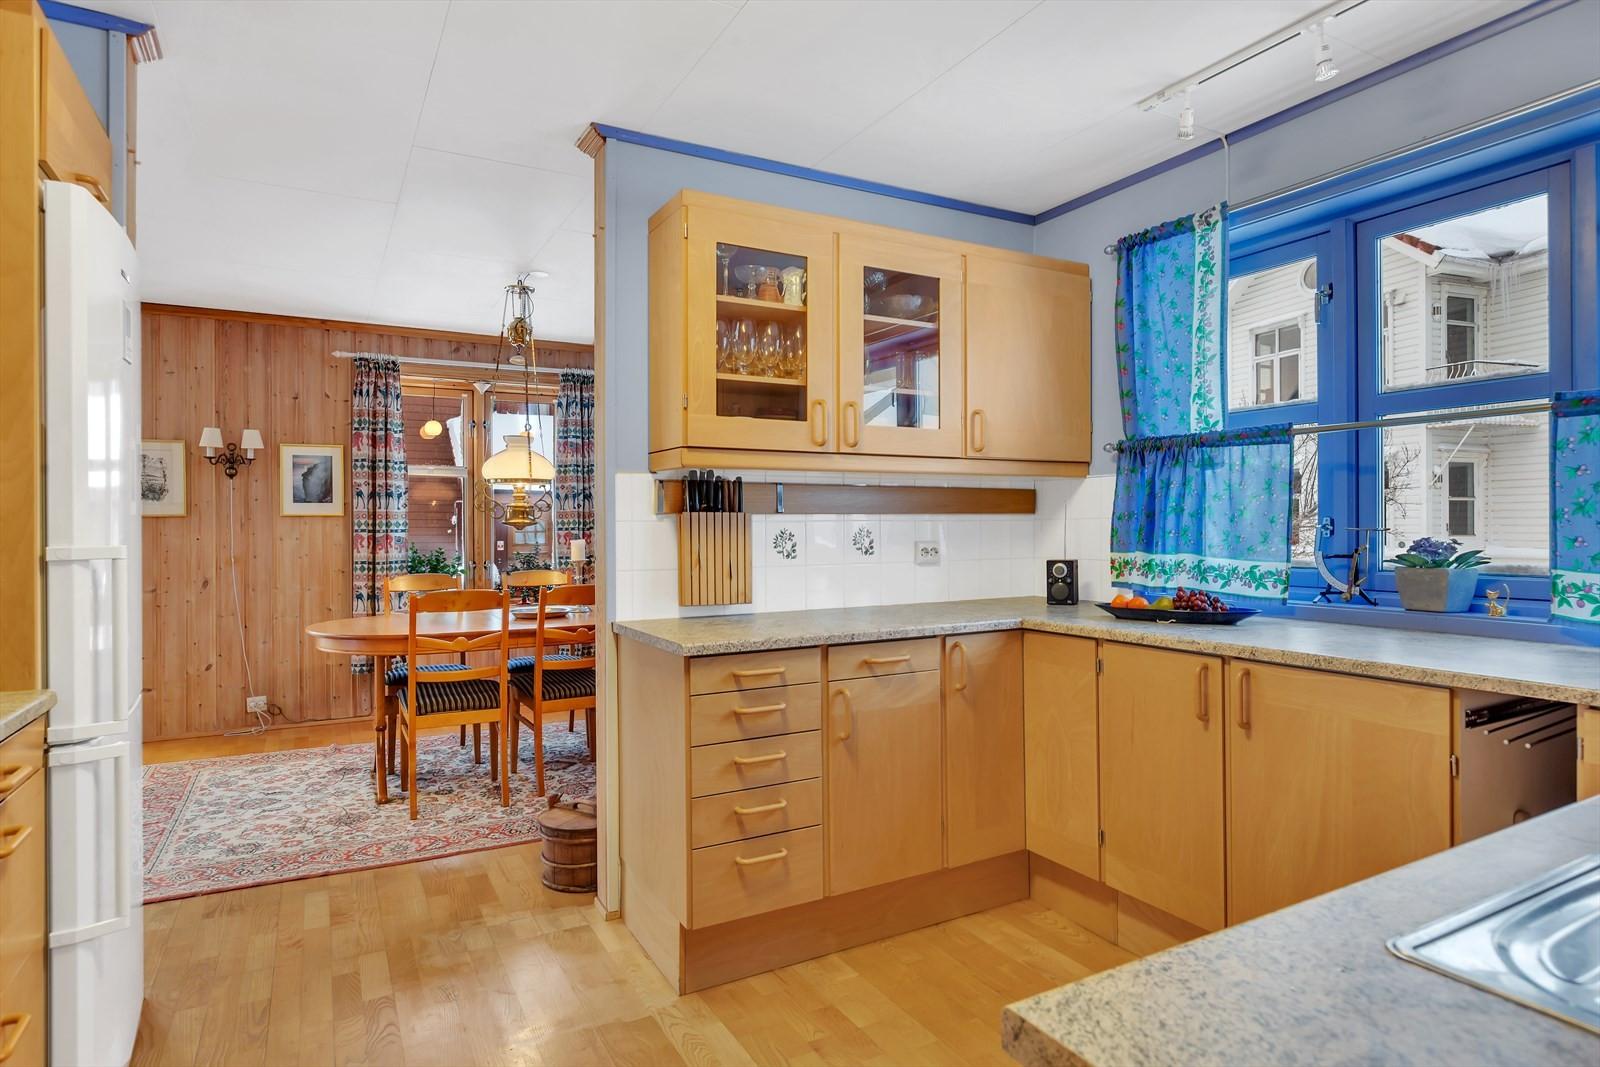 Innholdsrikt kjøkken med åpning mot spisestuen